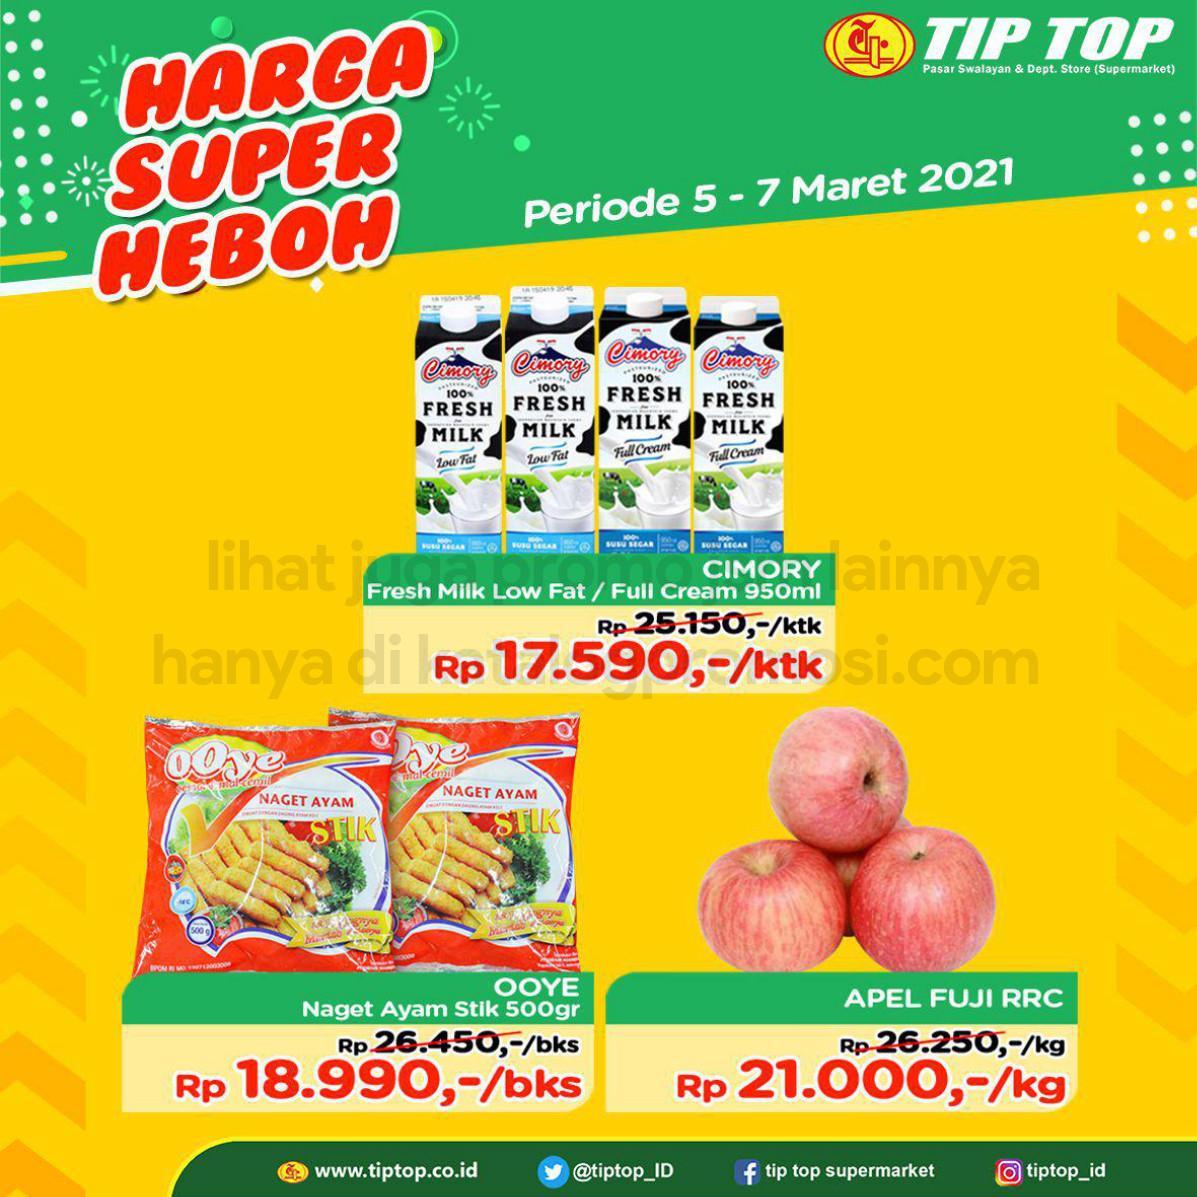 Katalog TIP TOP Pasar Swalayan Promo Weekend periode 05-07 Maret 2021